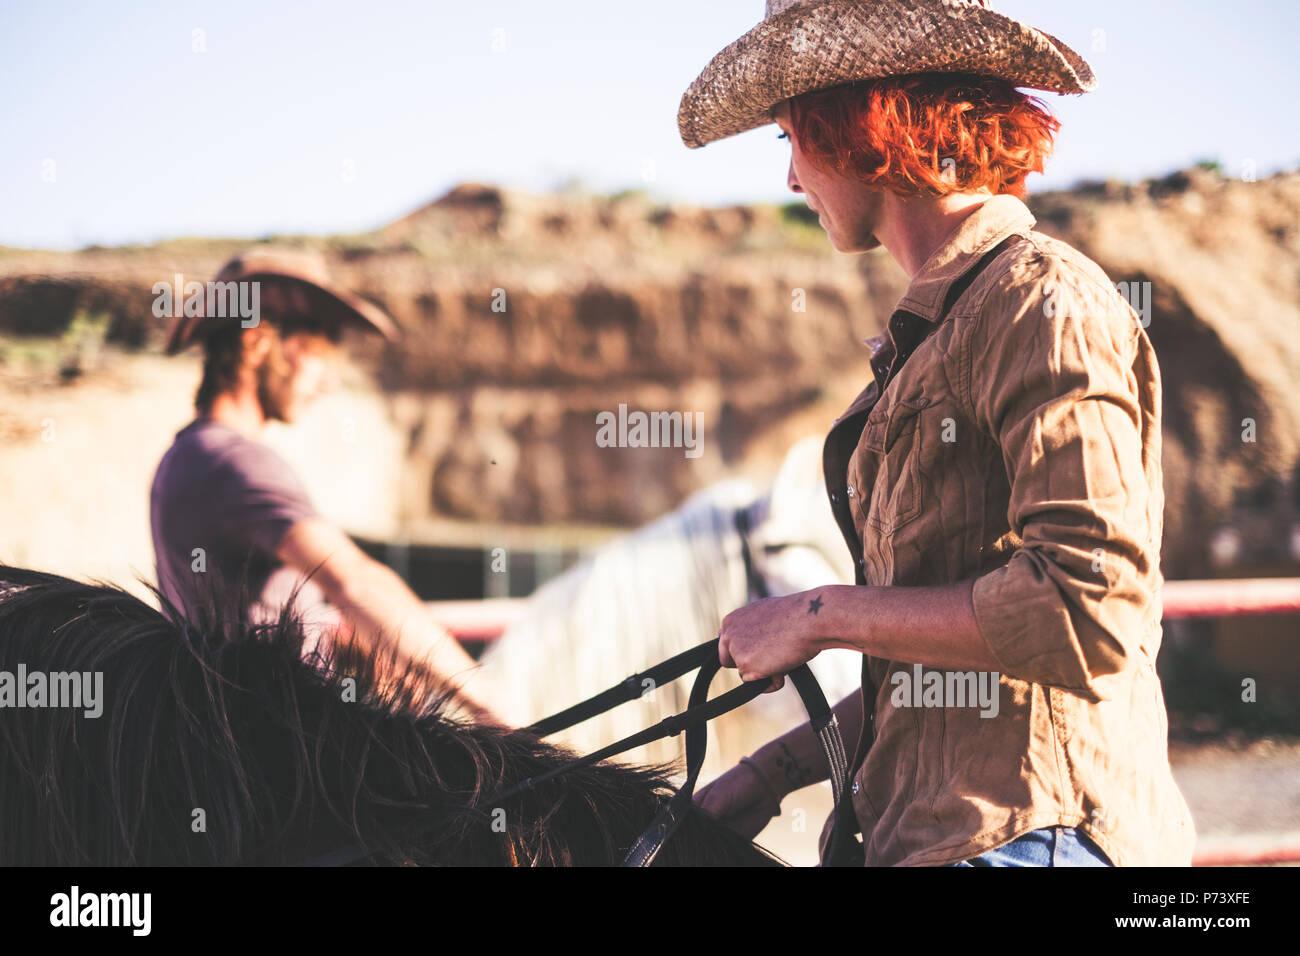 Par de vaquero moderno cabalgan juntos. Un hombre y una mujer con dos caballos. imagen de filtro cálido para un estilo de vida alternativo y el trabajo o las actividades al aire libre Imagen De Stock